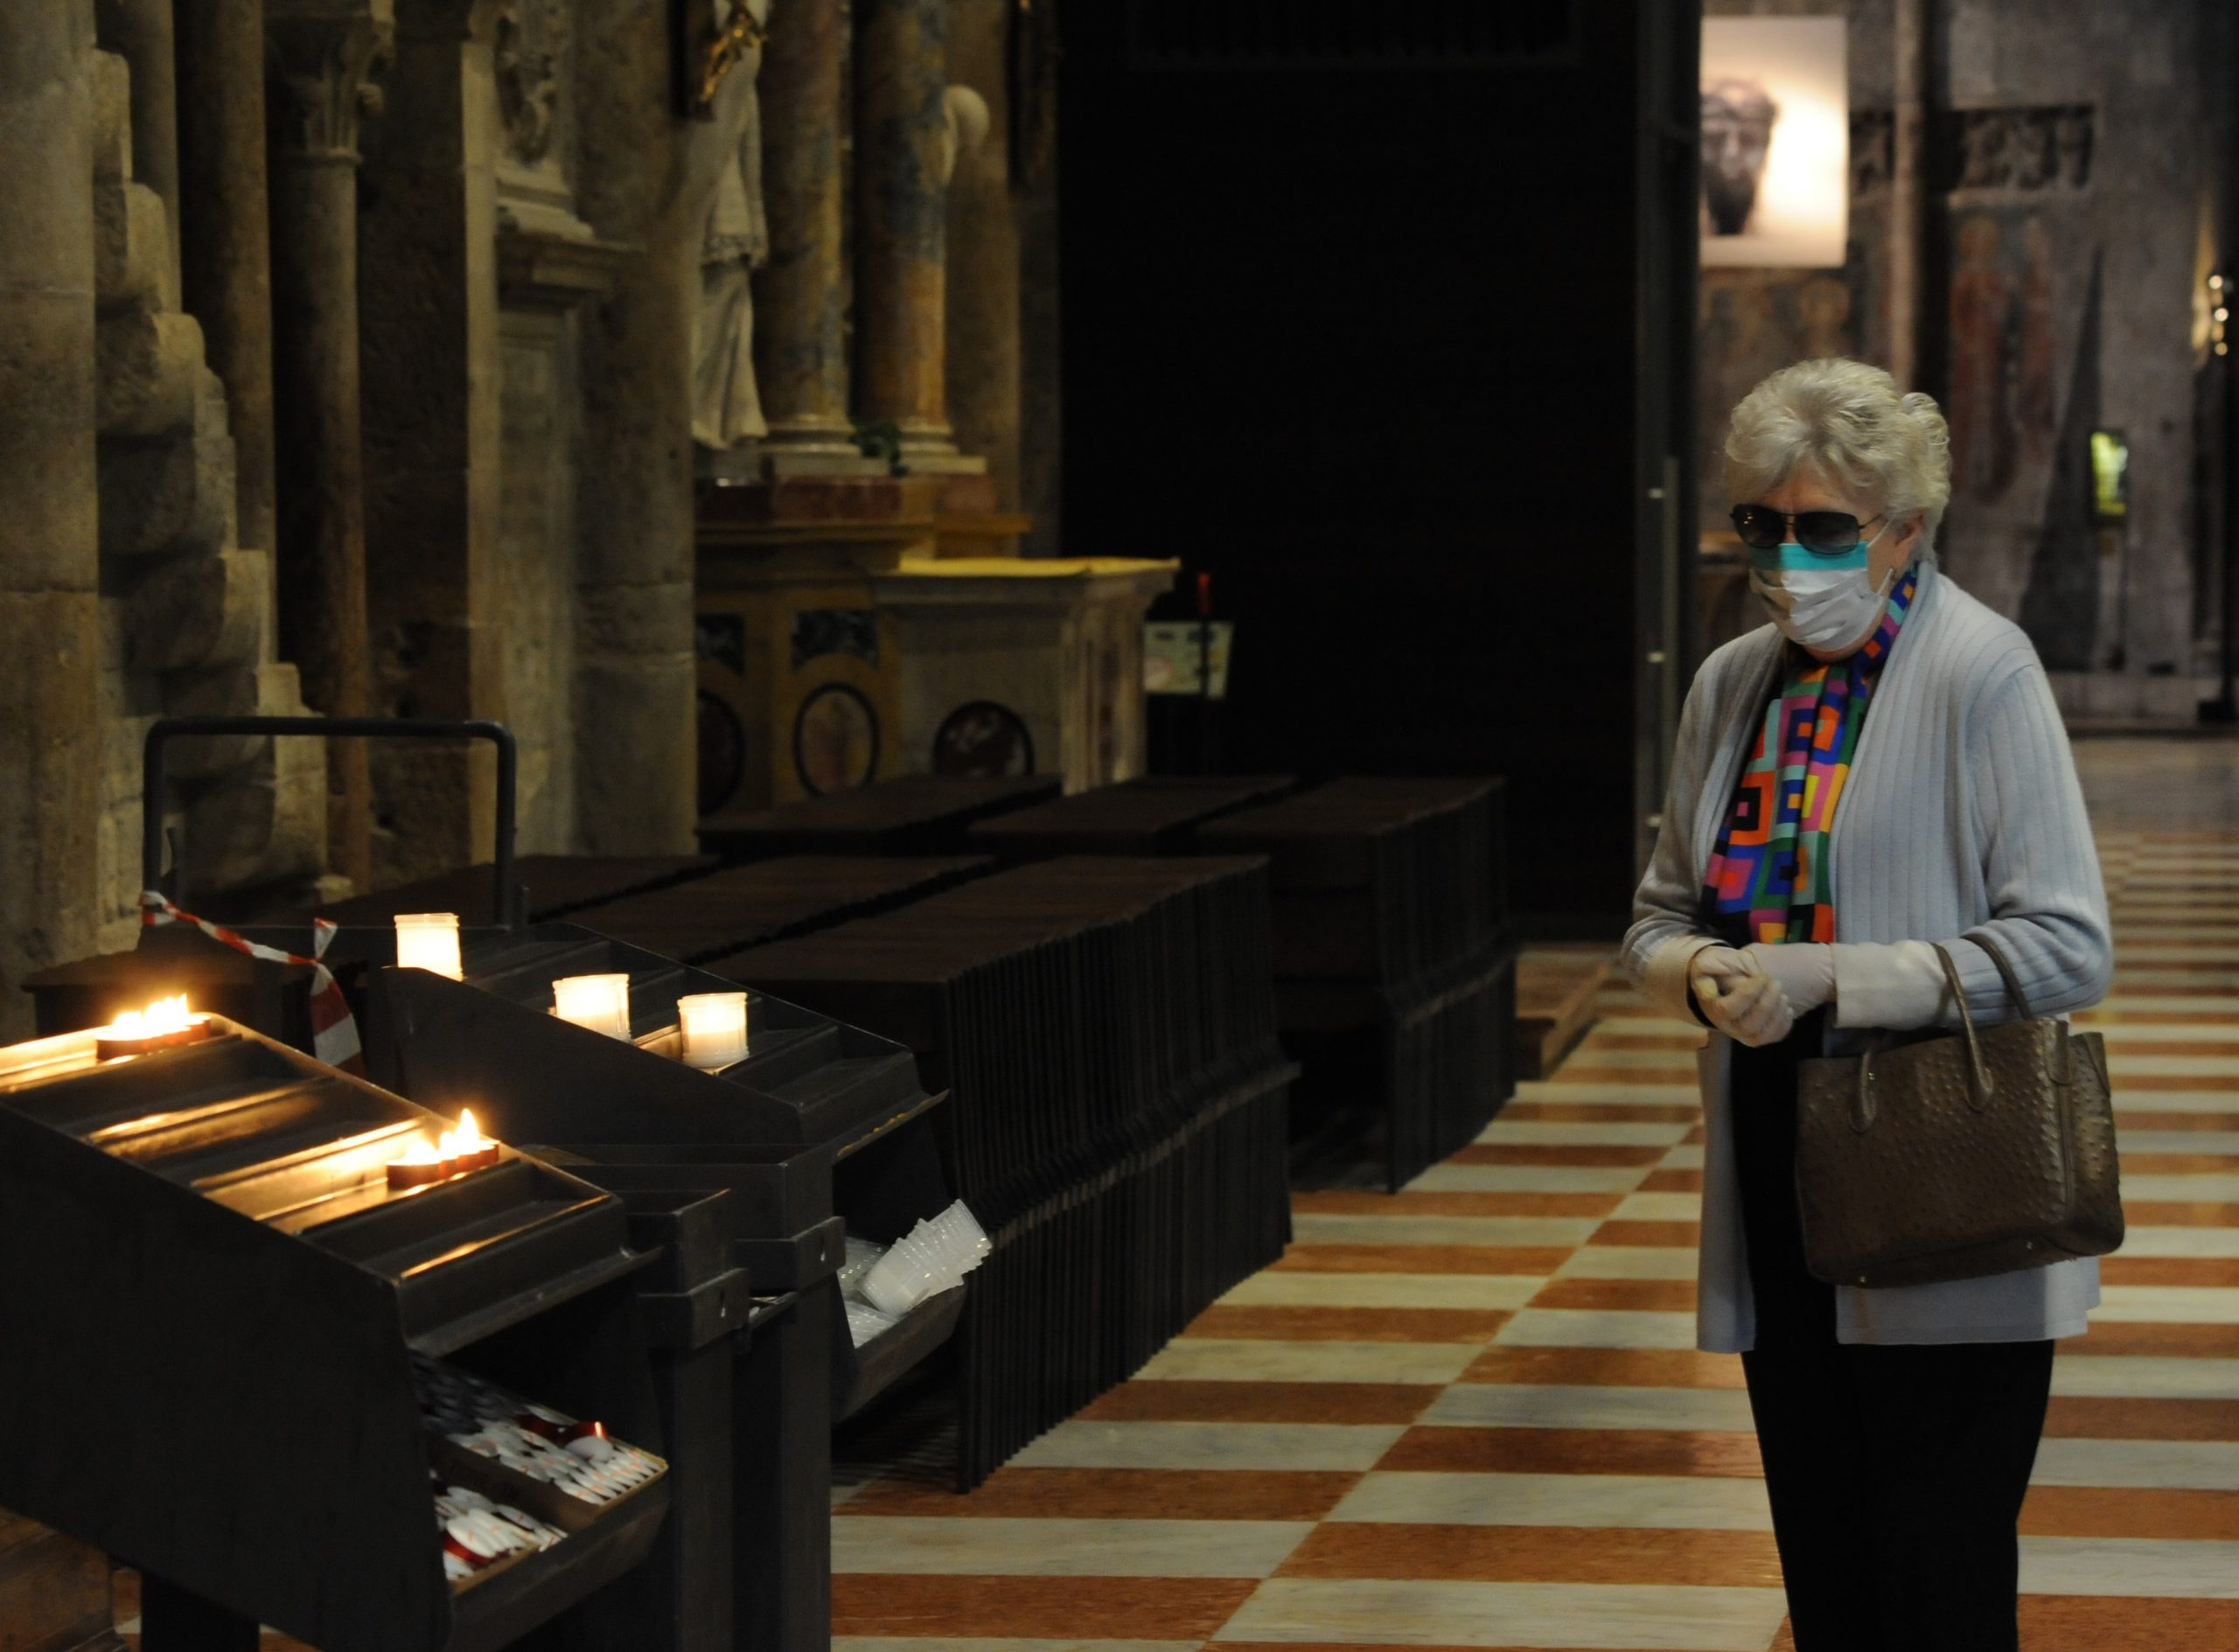 Rientrano i fedeli in chiesa (foto Zotta)